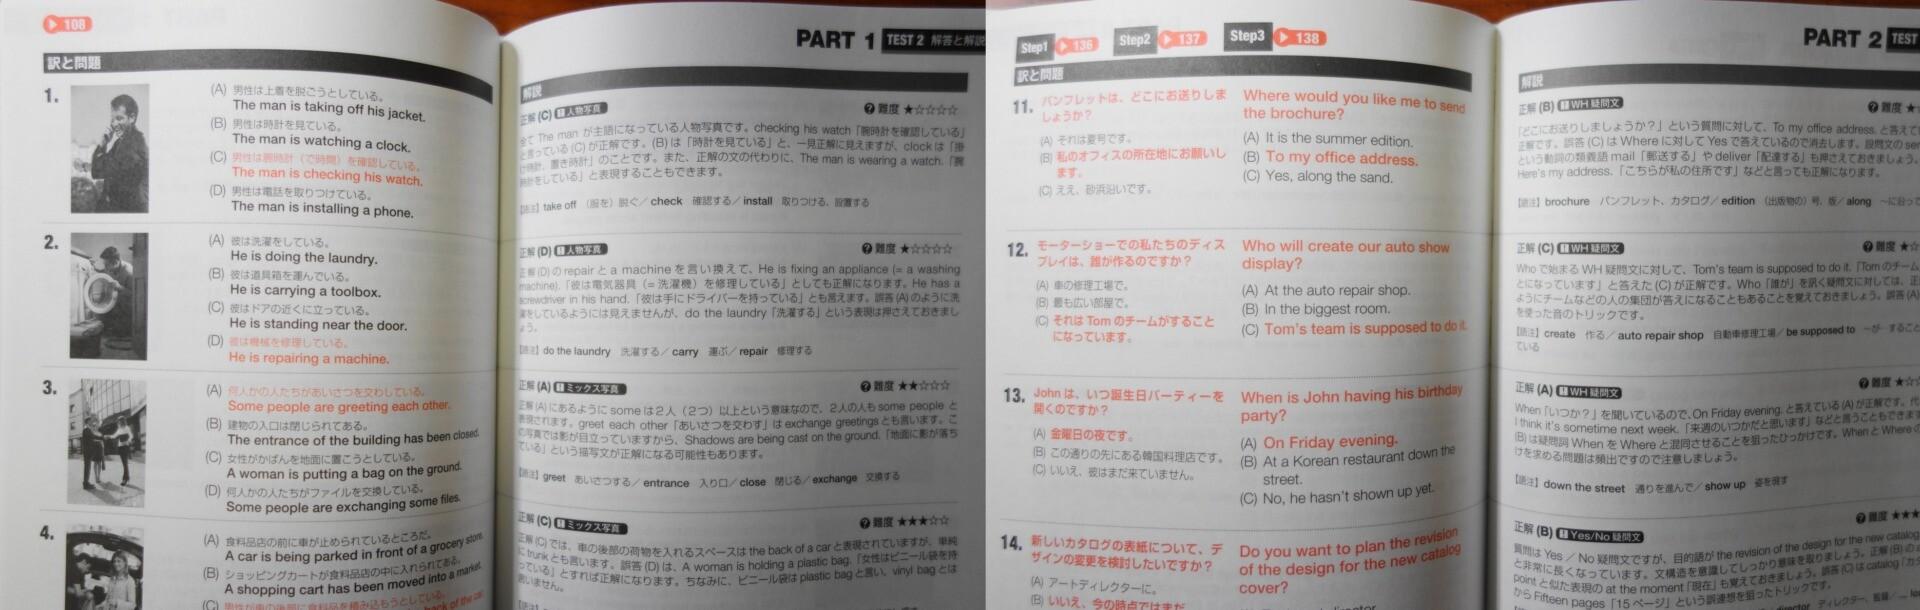 最強攻略PART1&2に収録されている模擬試験と解説。左がパート1,右がパート2のもの。